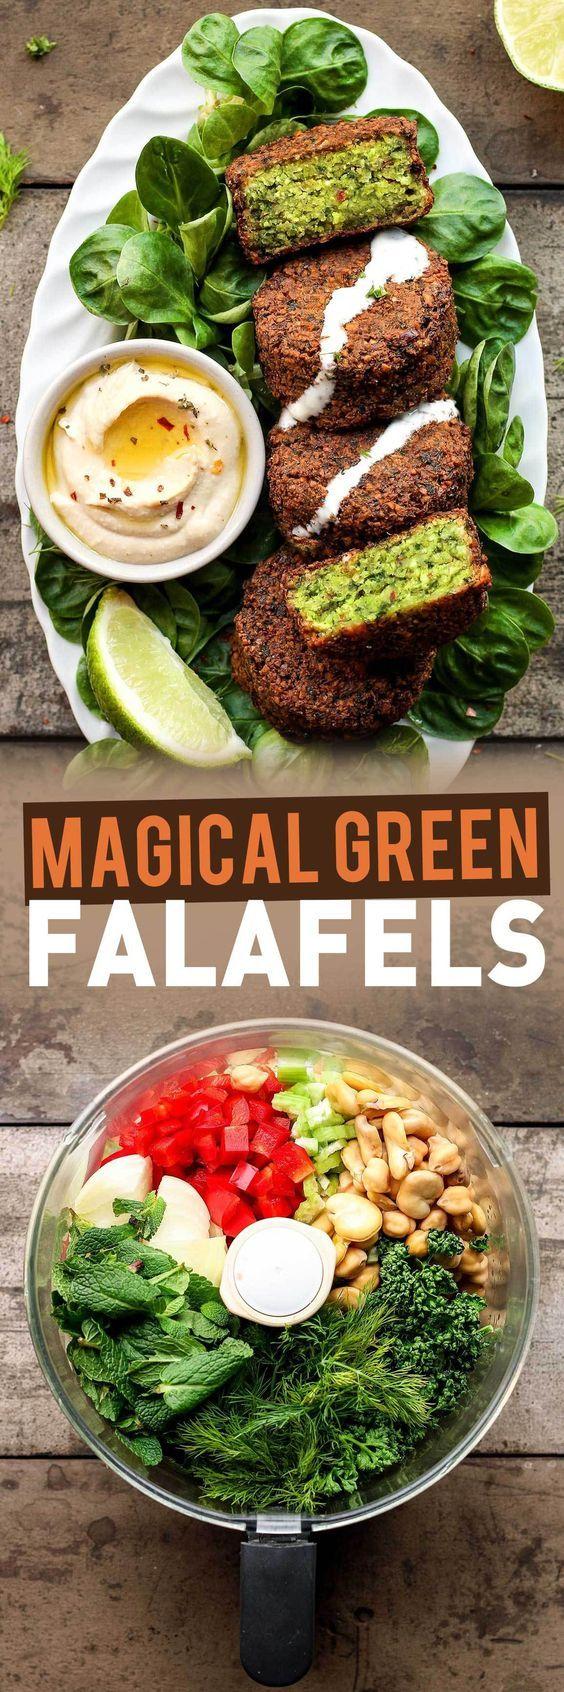 Magical Green Falafels